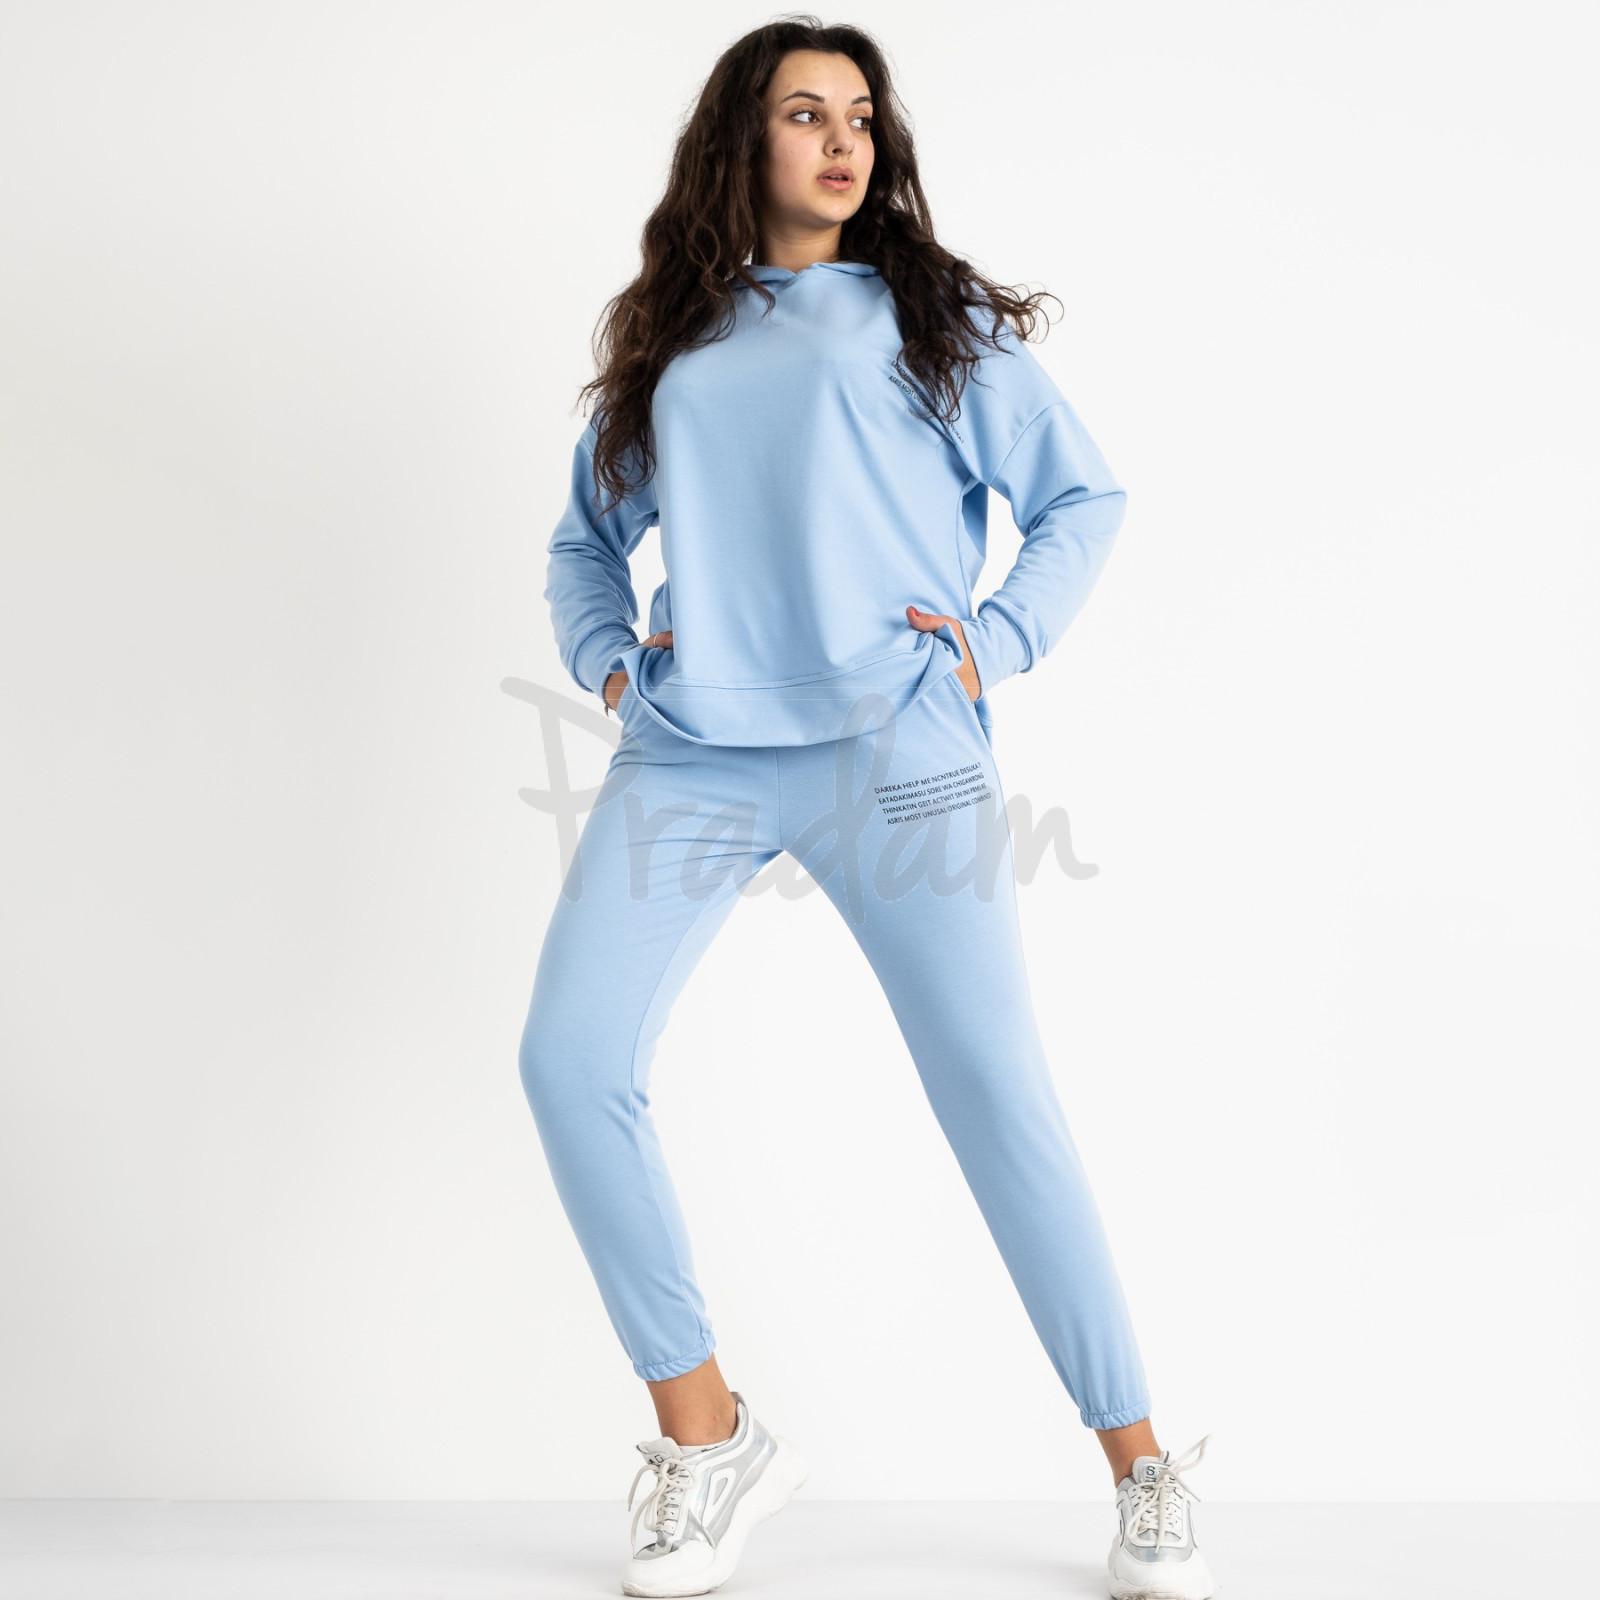 15115-121 Mishely голубой женский спортивный костюм из двунитки  (3 ед. размеры: M.L.XL)